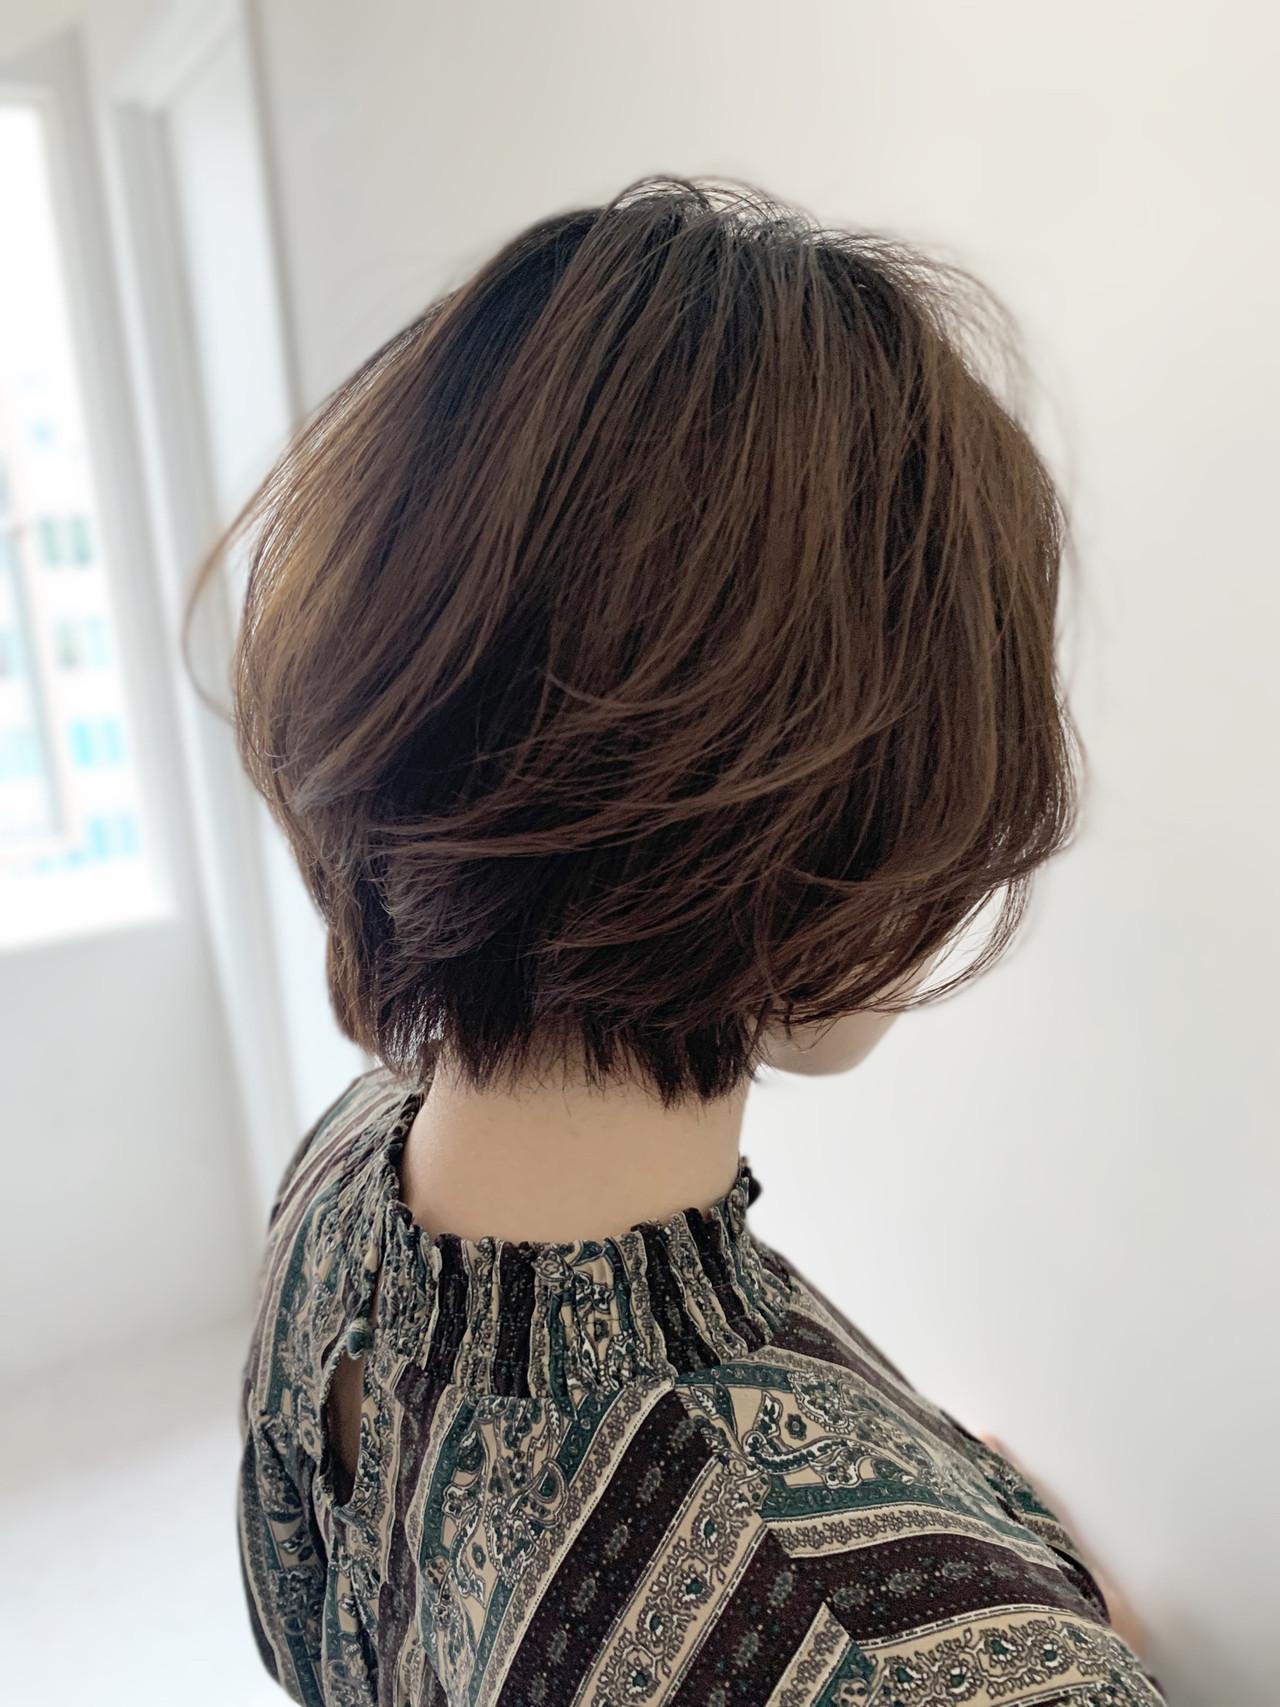 ナチュラル 似合わせカット 大人女子 モテ髪 ヘアスタイルや髪型の写真・画像